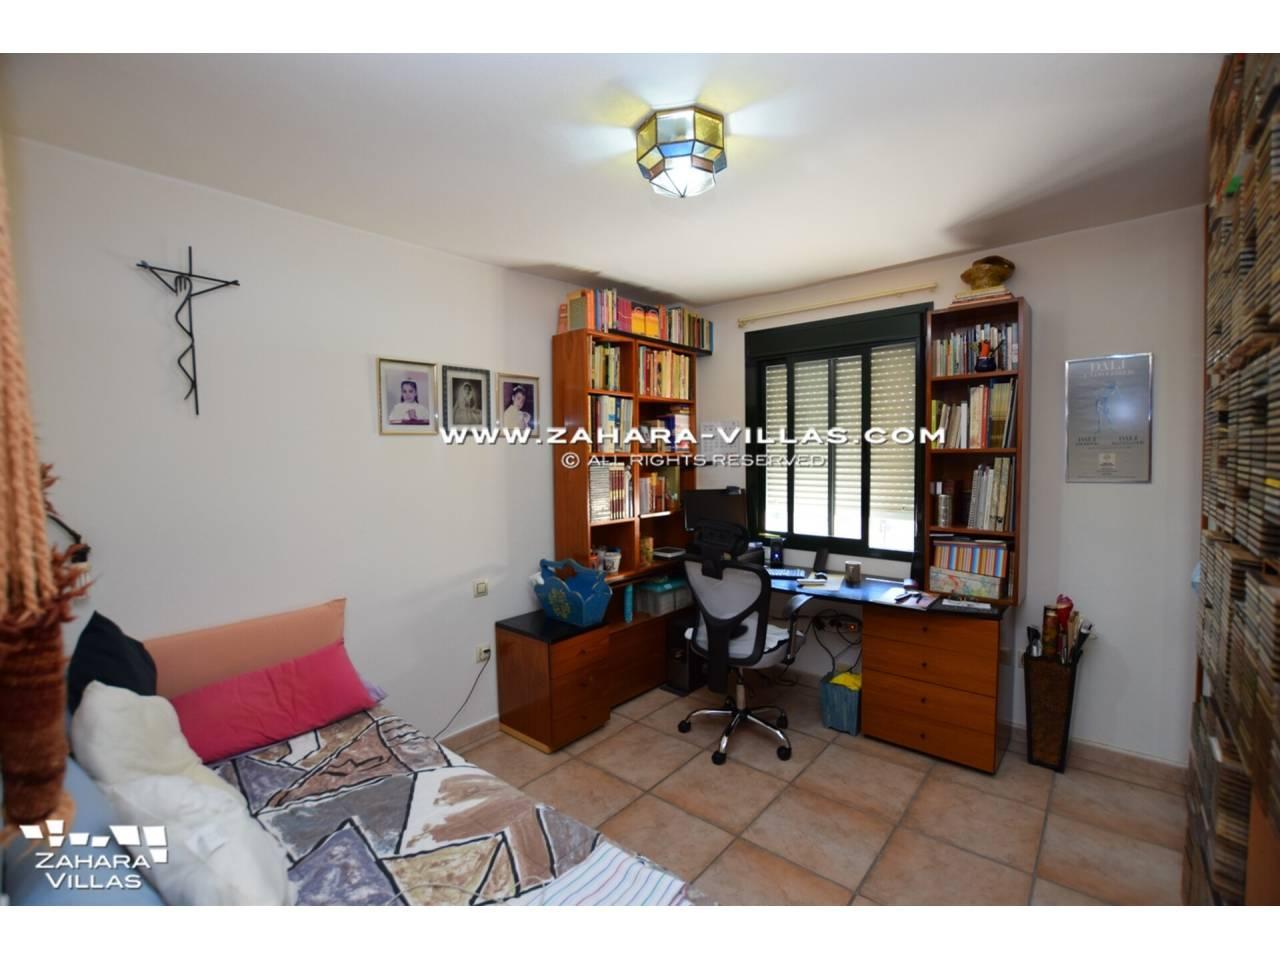 Imagen 23 de Apartamento en venta en urbanización Jardines de Zahara - Atlanterra